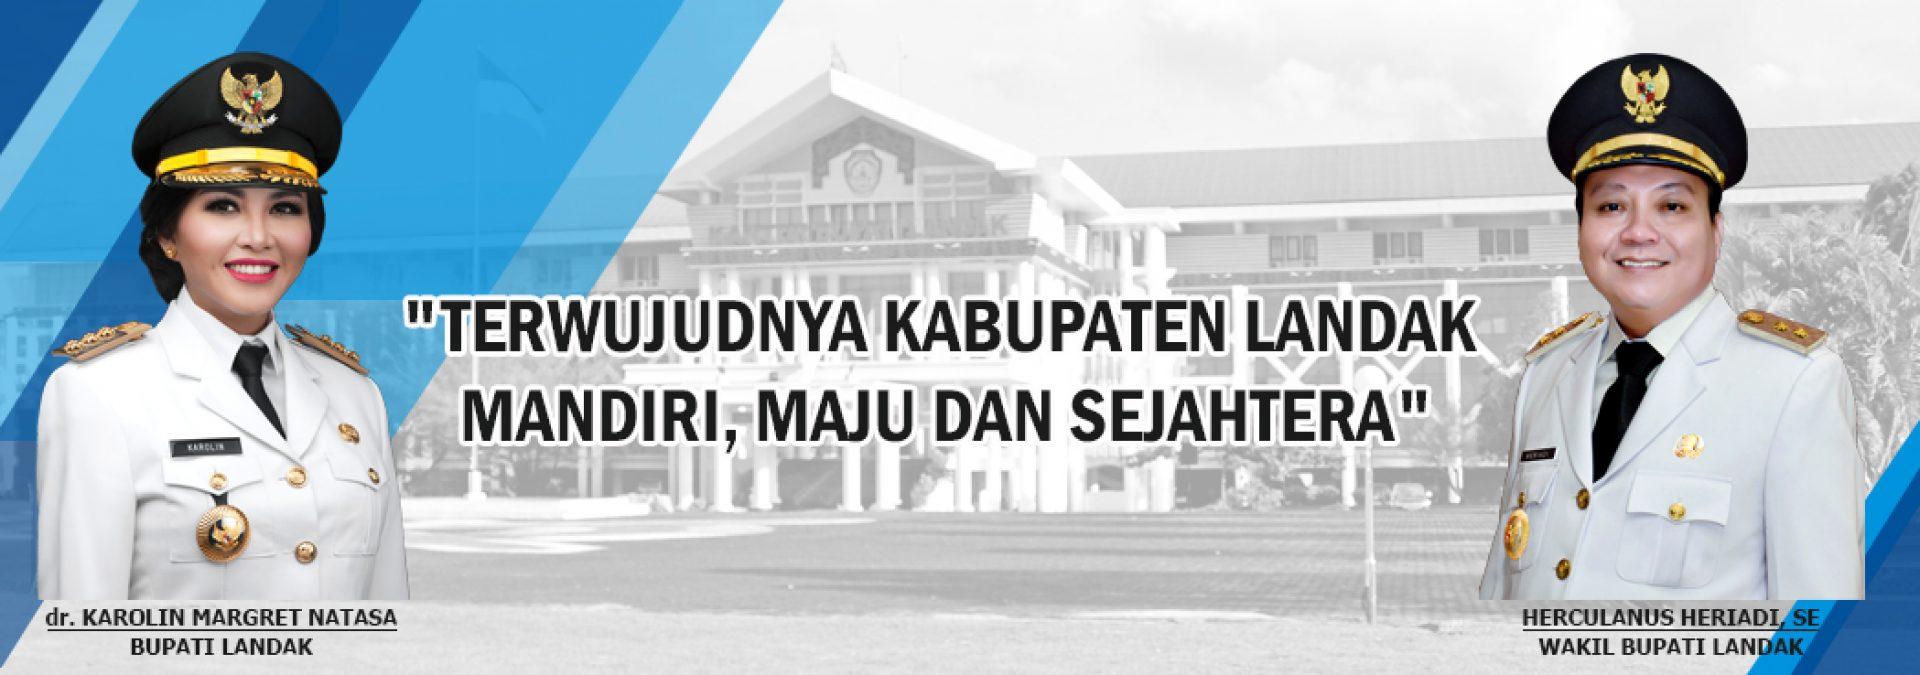 Dinas Komunikasi dan Informatika Kabupaten Landak